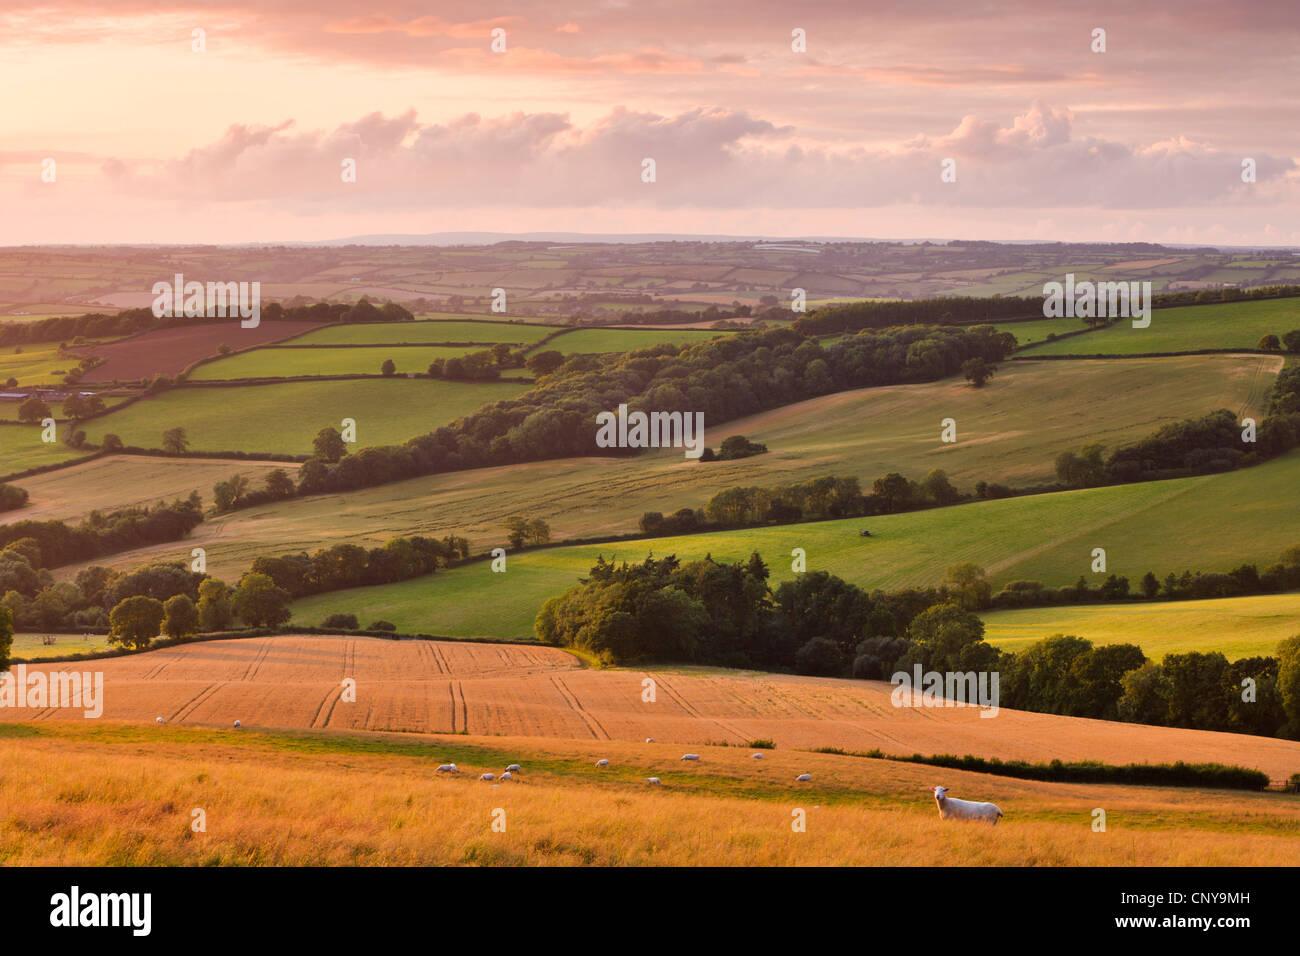 Moutons et champs de culture près de Stockleigh Pomeroy, Mid Devon, Angleterre. L'été (juillet) Photo Stock